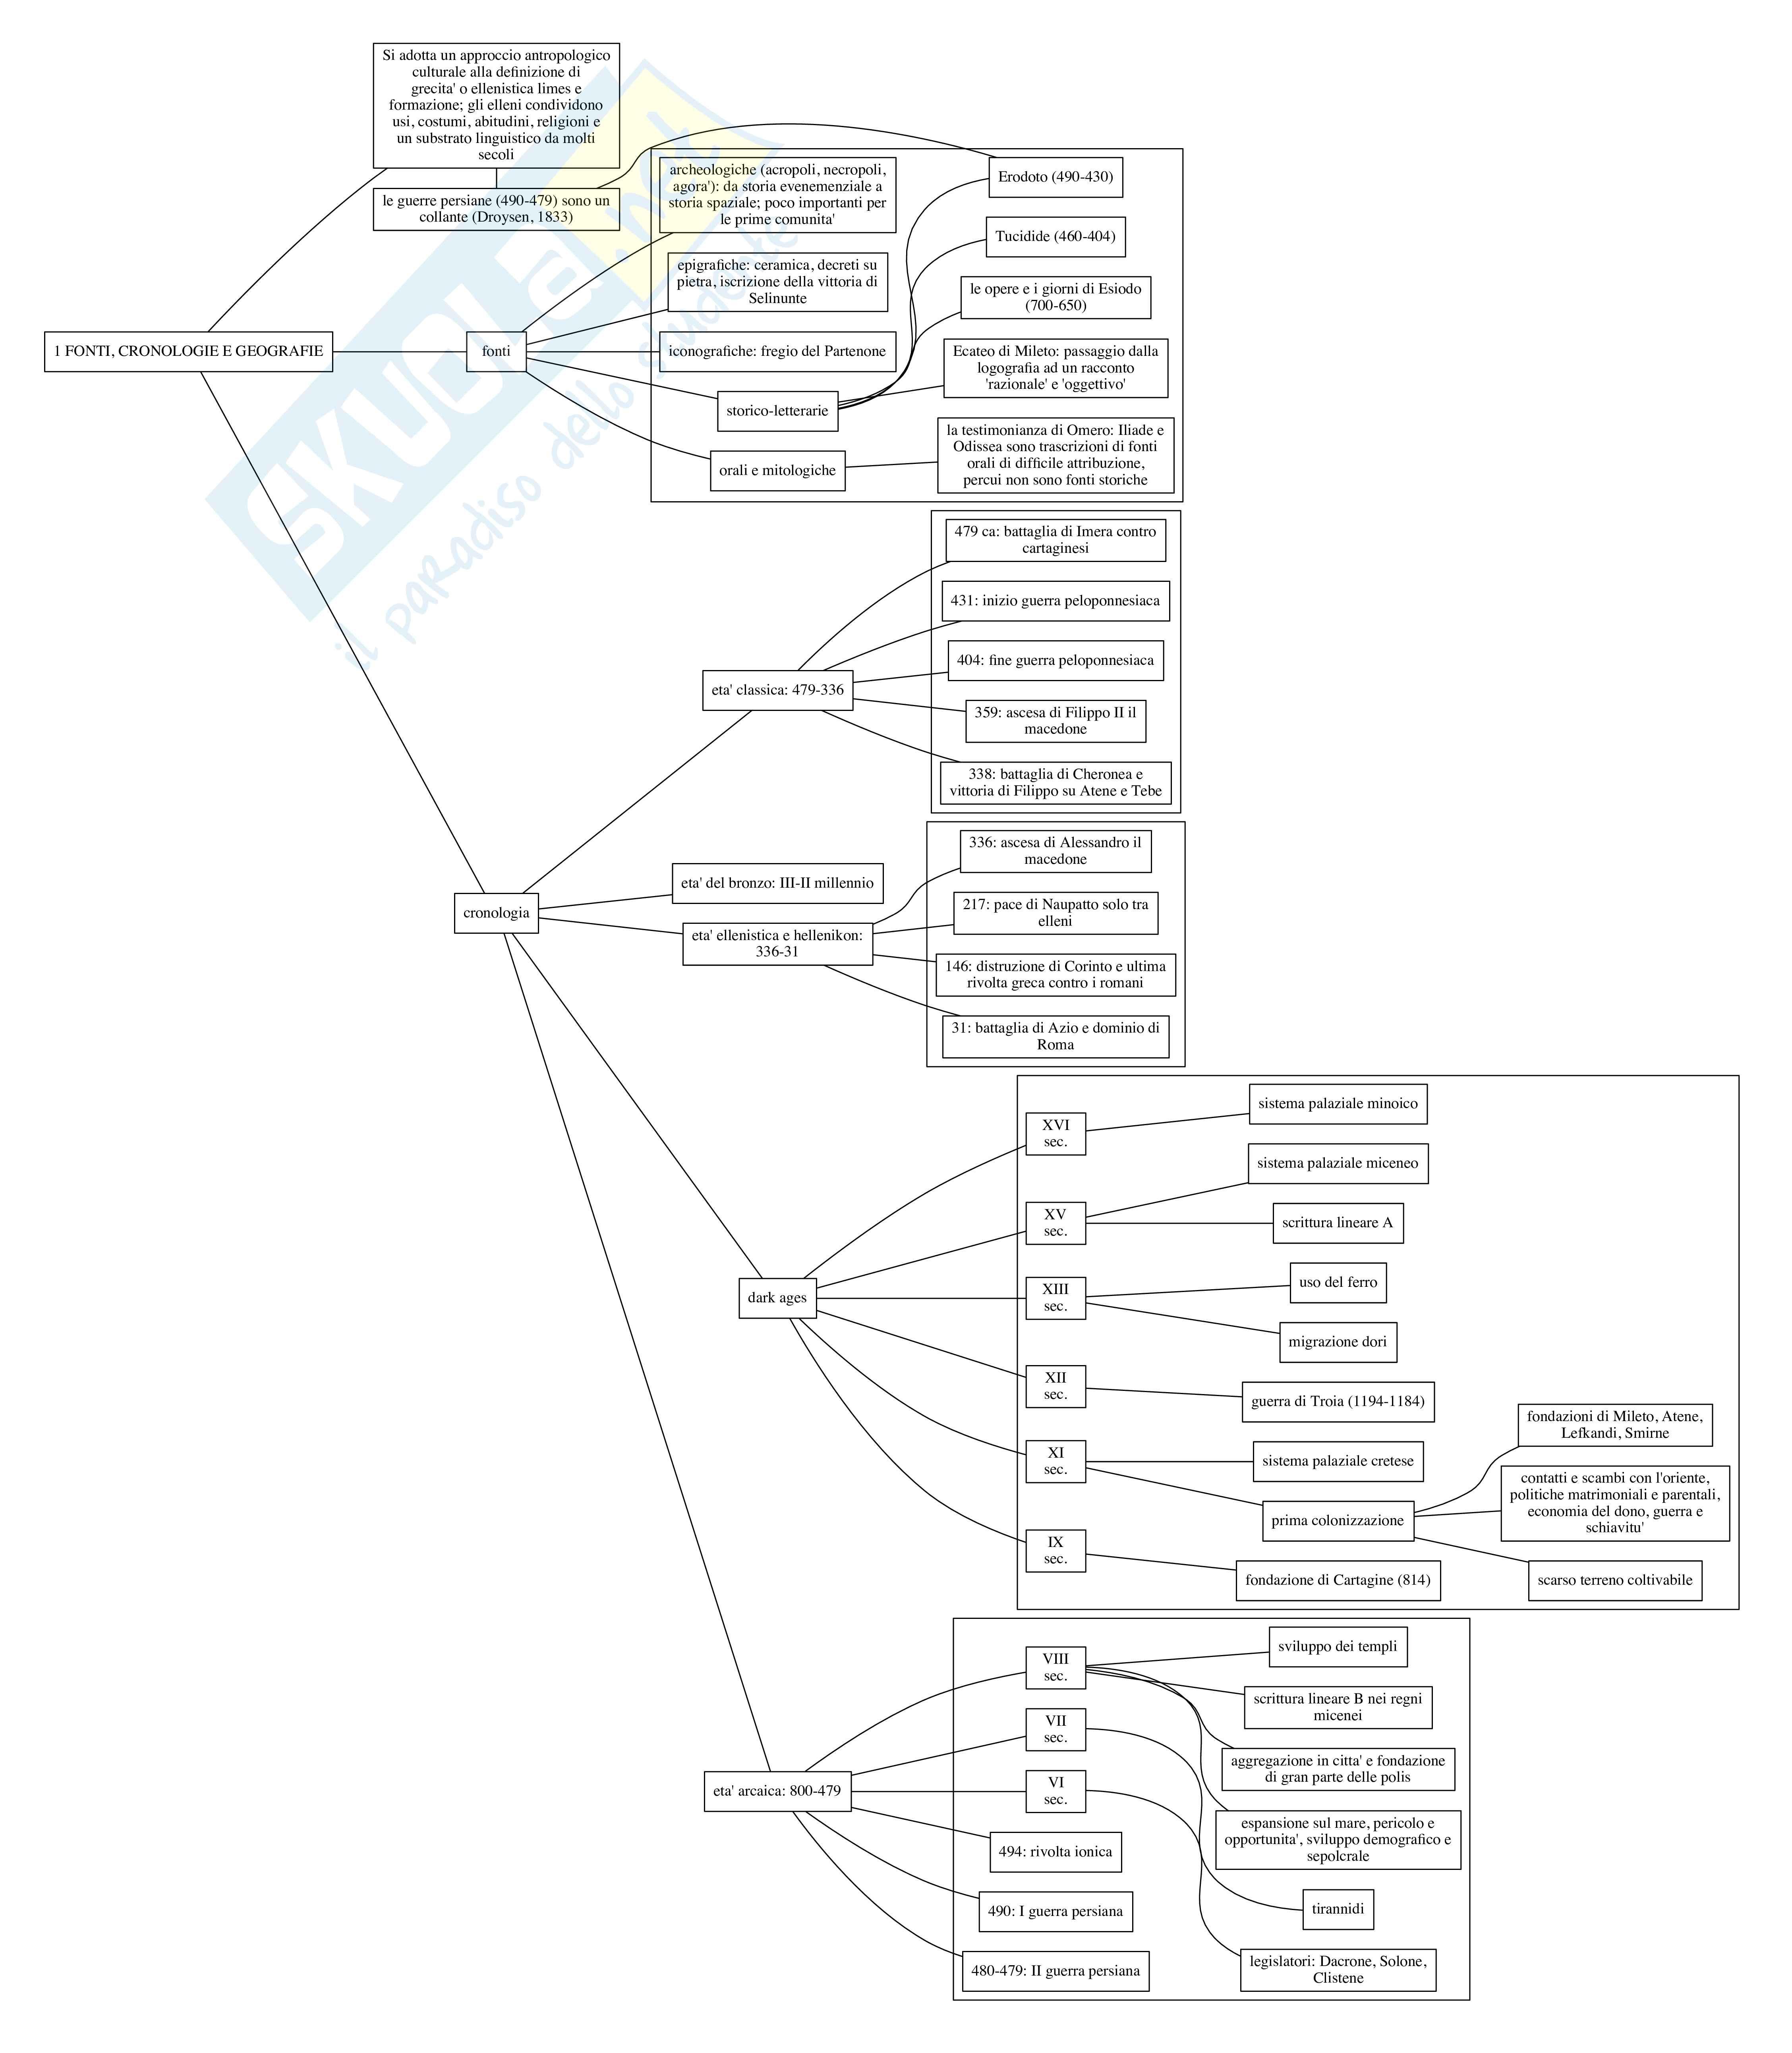 Storia greca: appunti organizzati in mappe concettuali